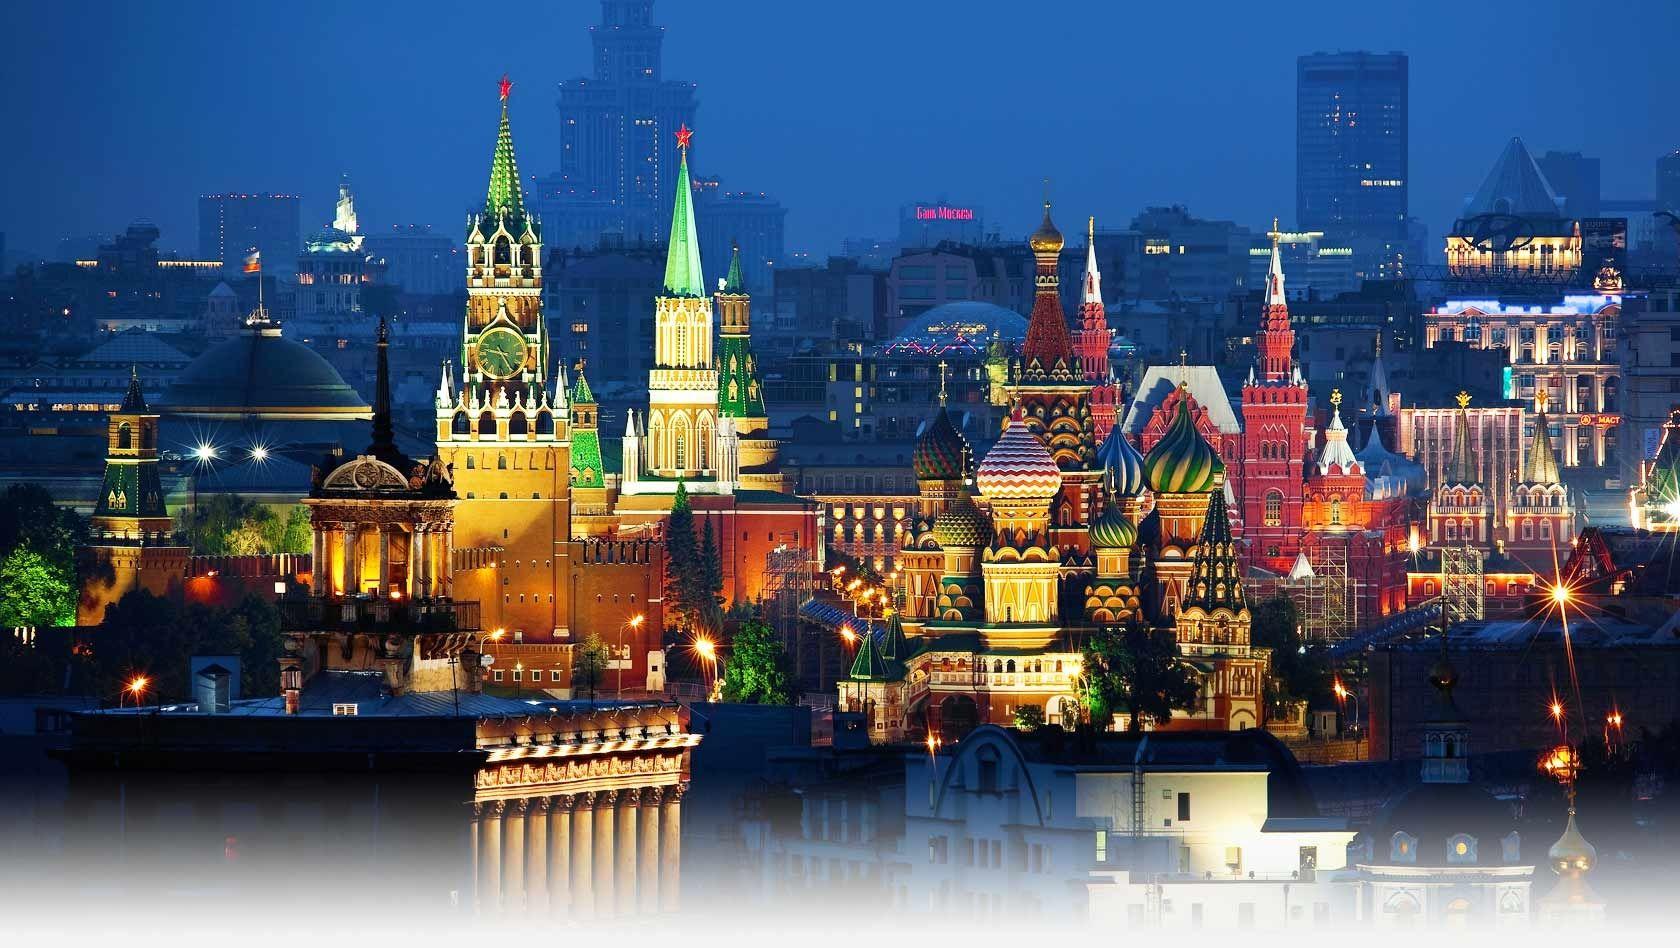 harat-net-turkiyeden-vize-istemeyen-ulkeler-rusya